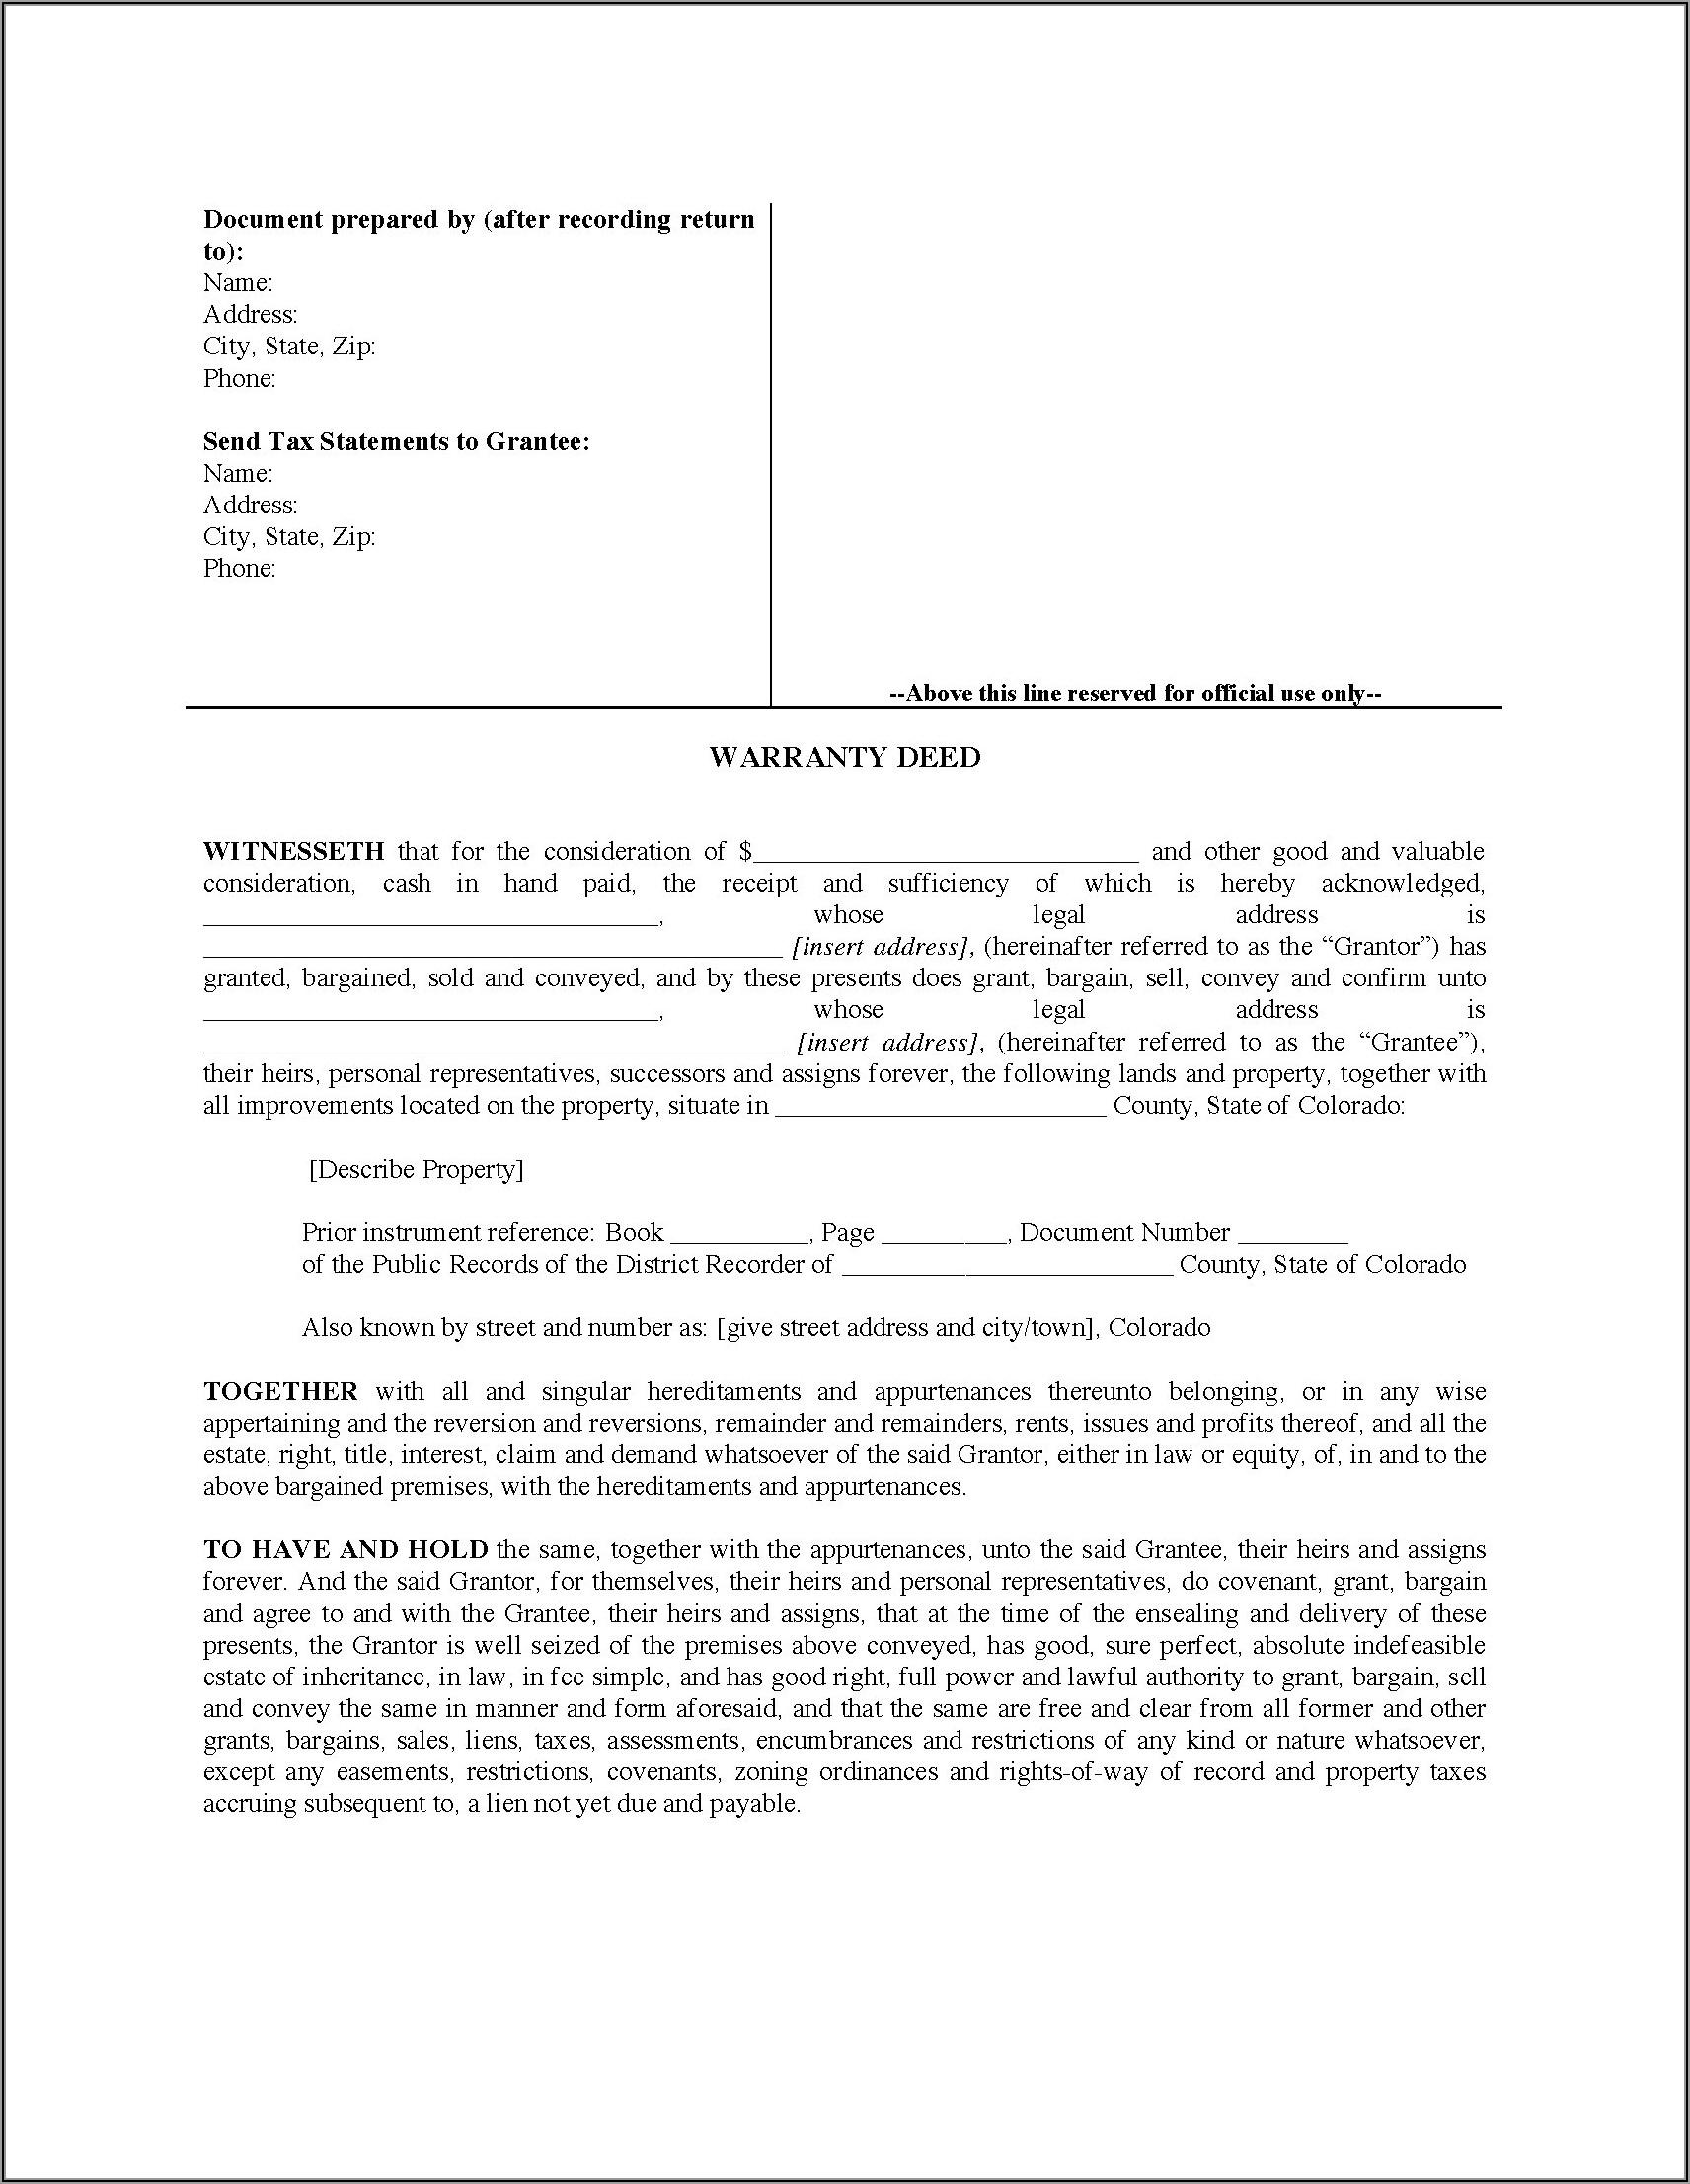 Colorado Special Warranty Deed Form